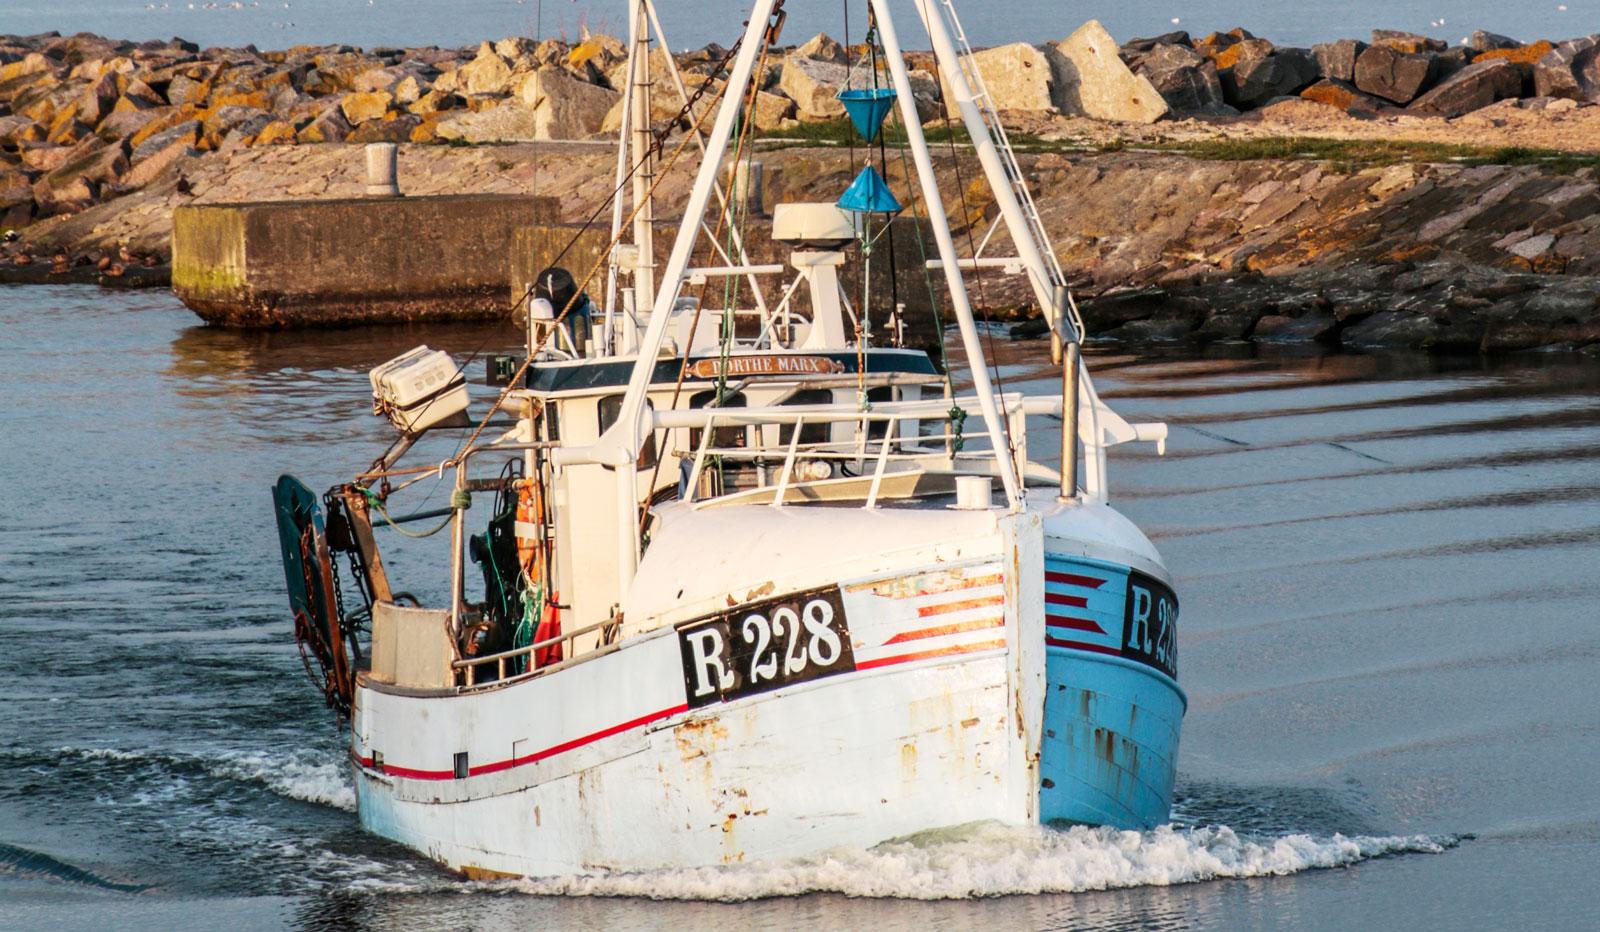 Det finns flera yrkesfiskare på ön, som ser till att öns restauranger kan servera mat med lokal prägel.